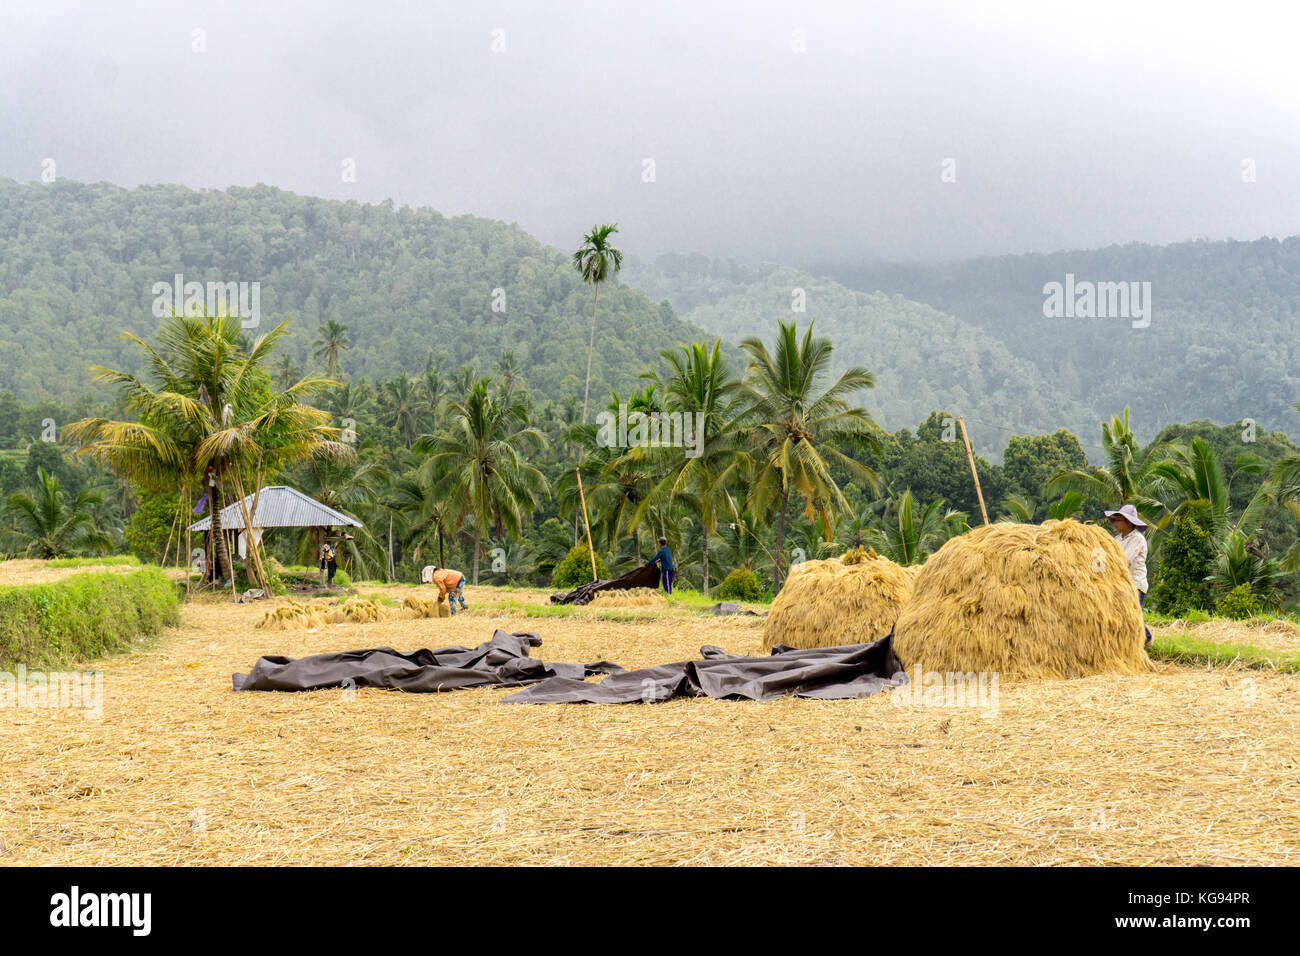 Indonesia bali farmer stockfotos indonesia bali farmer for Traditionelles haus bali